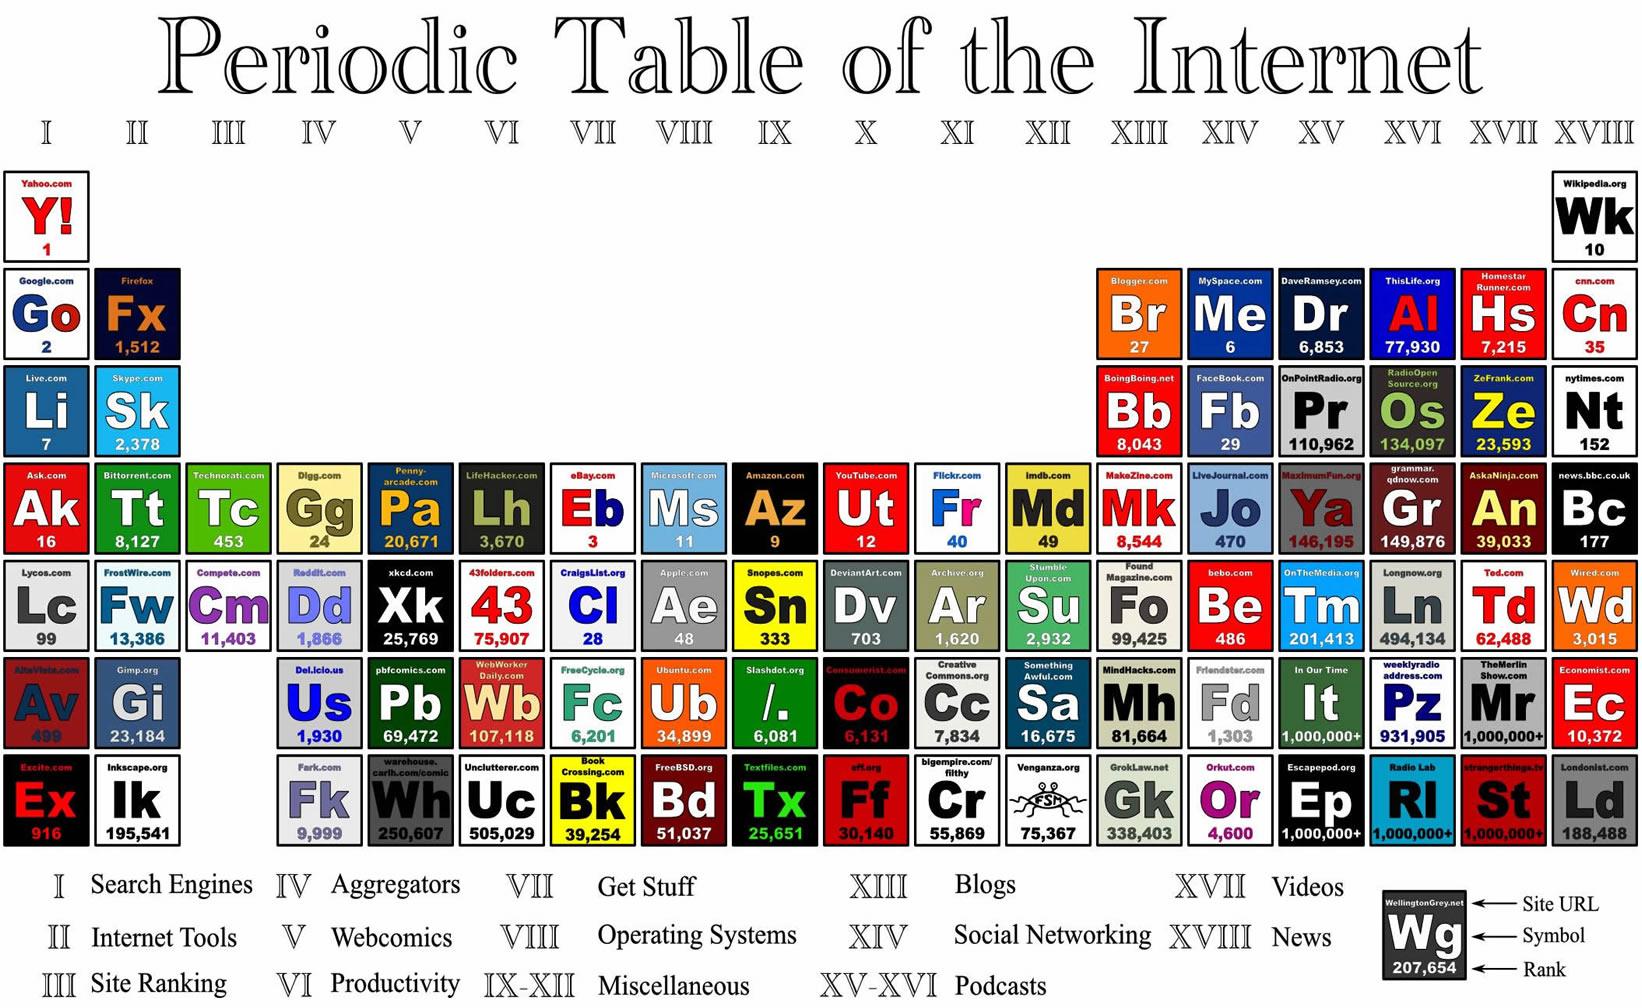 periodictableoftheinternet.jpg